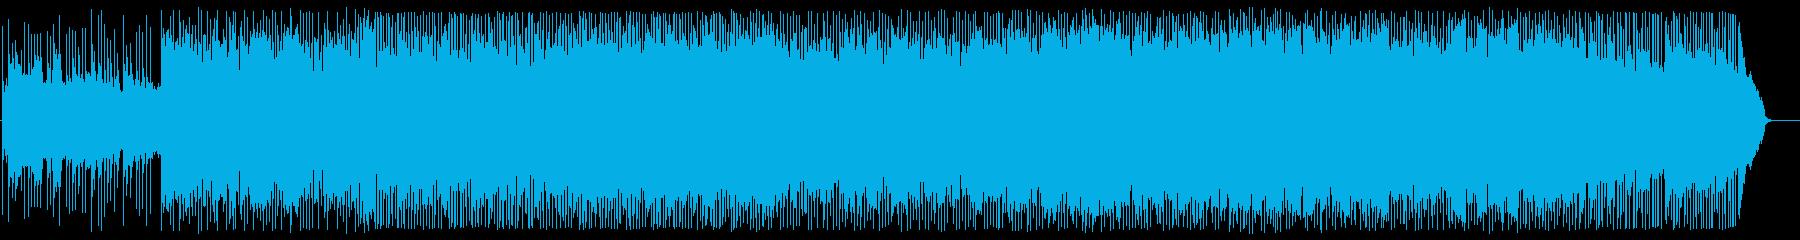 アジアンな雰囲気のアップテンポの琴の曲の再生済みの波形